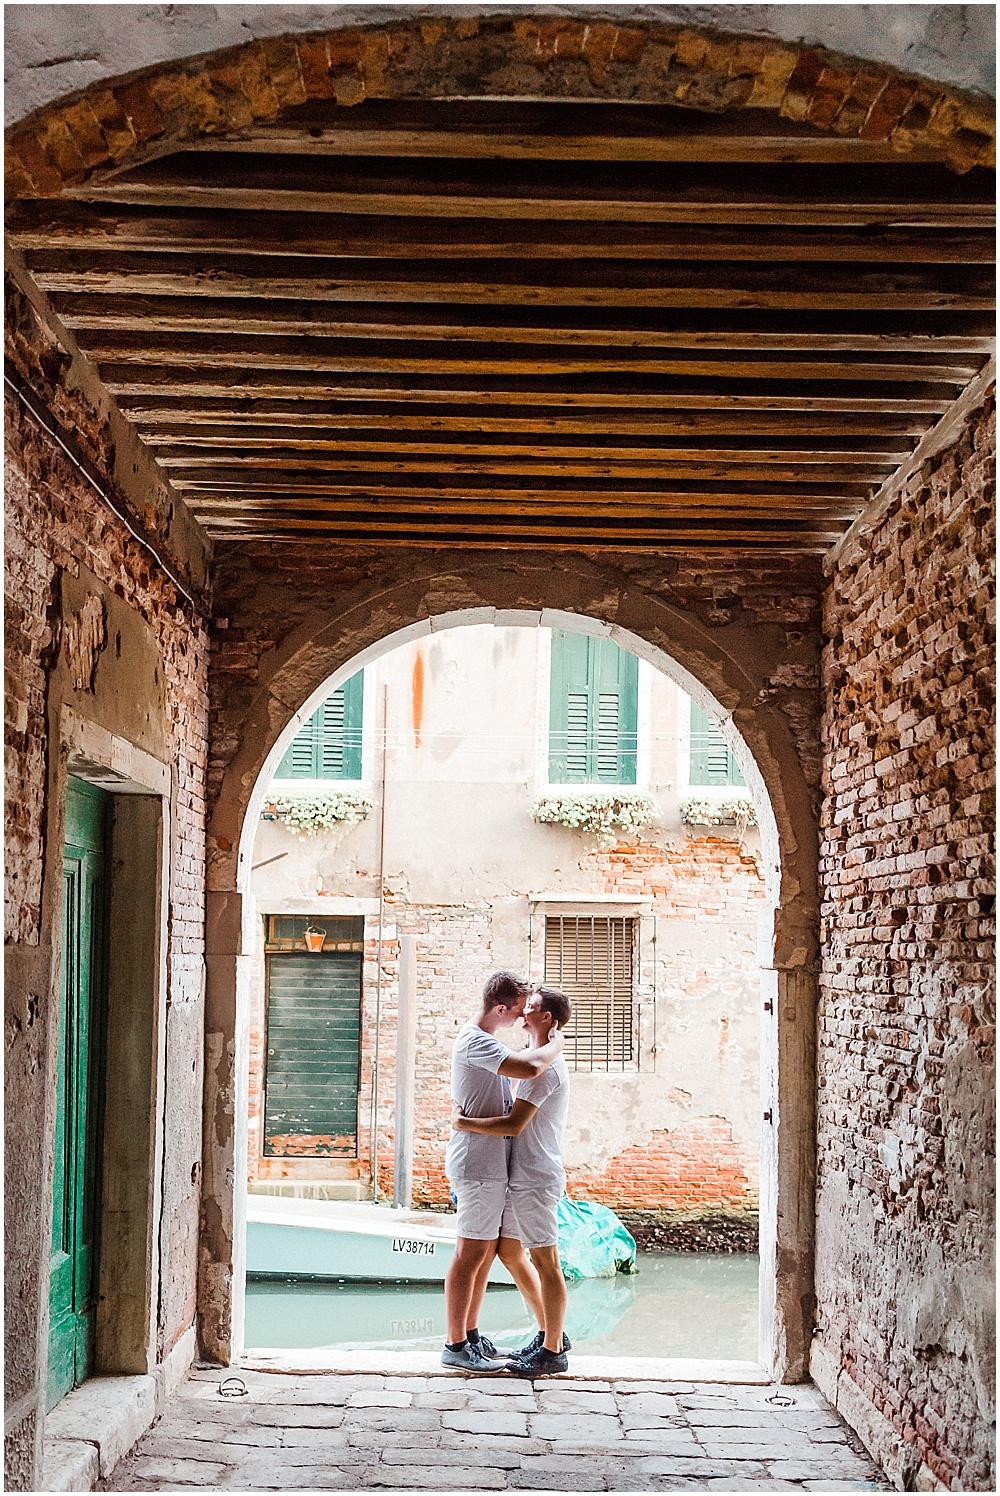 venice-italy-wedding-photograher-stefano-degirmenci_0510.jpg